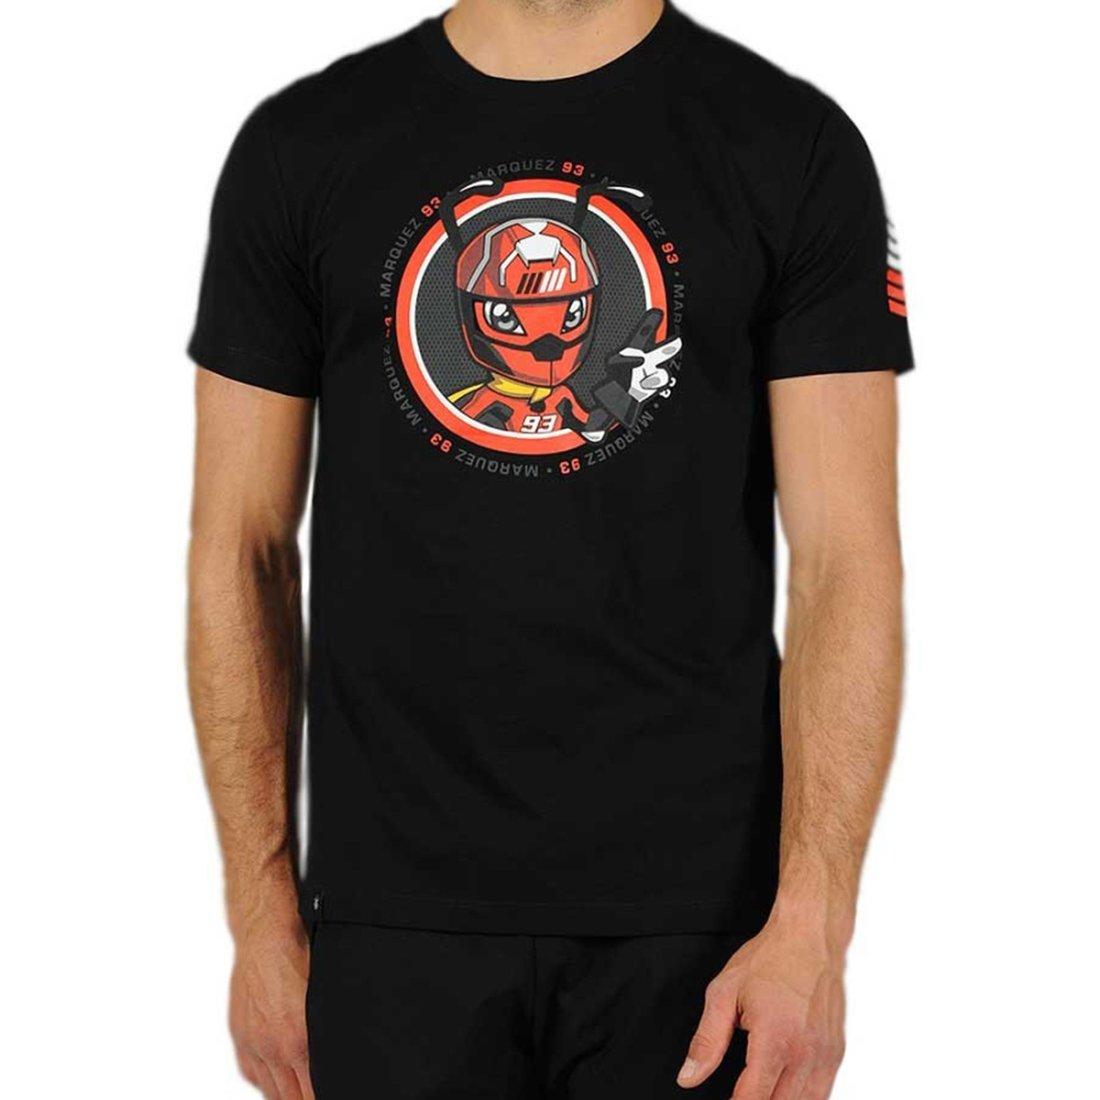 ac2ffdf898e18 Camiseta GP APPAREL Marc Marquez 93 1633070 Black · Motocard